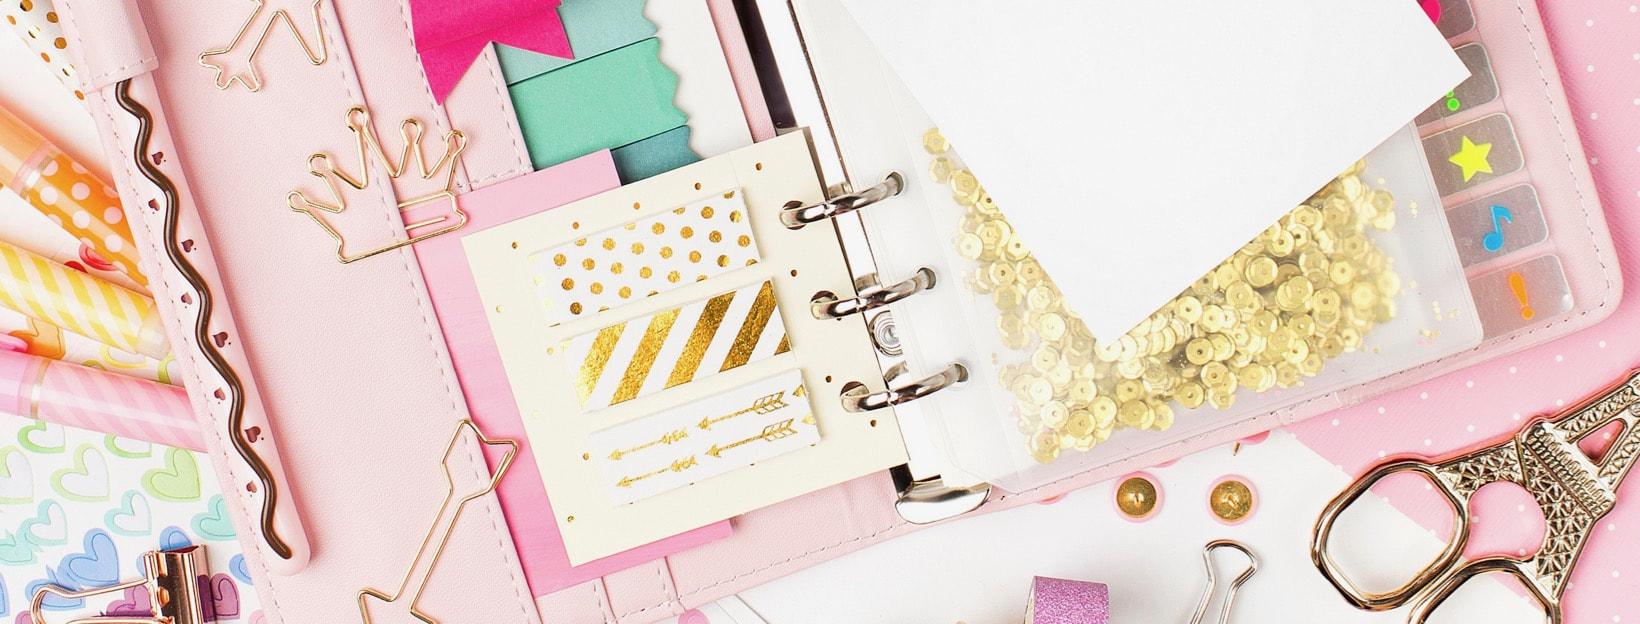 Bunter Wochenplaner-Terminkalender mit Aufklebern, Büroklammern und mehr